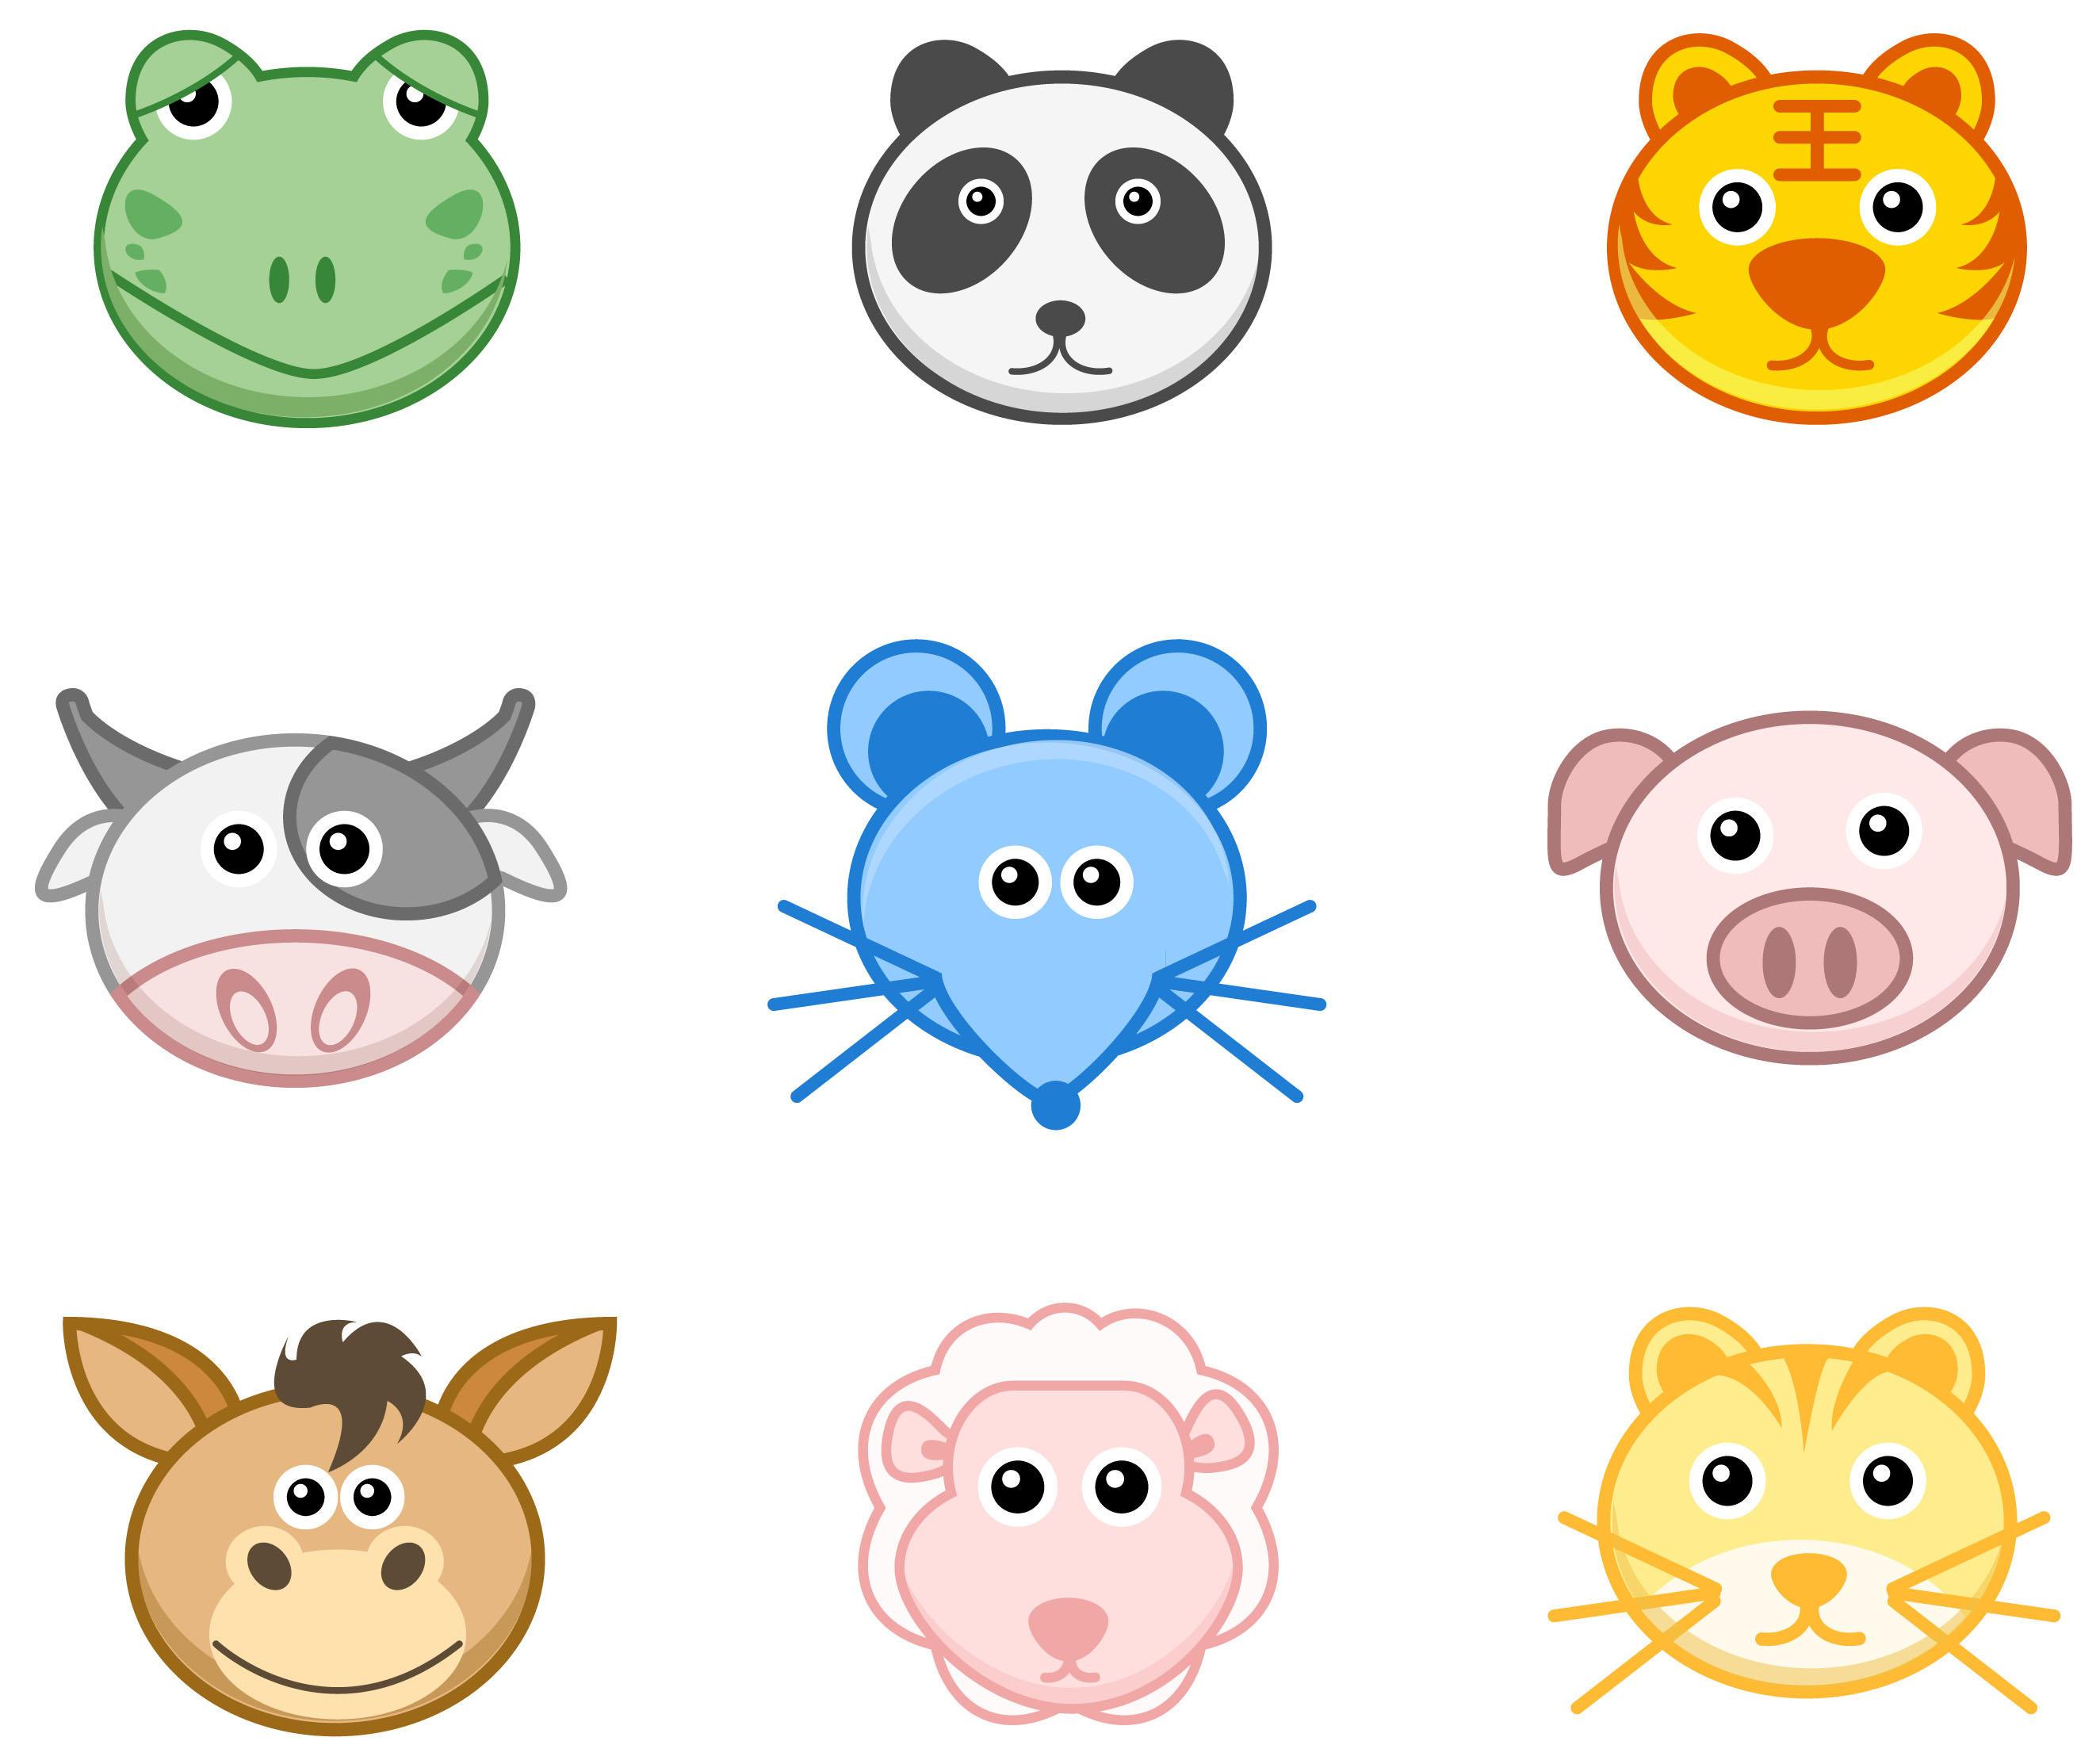 27 iconos de caras de animales ai by gianferdinand on